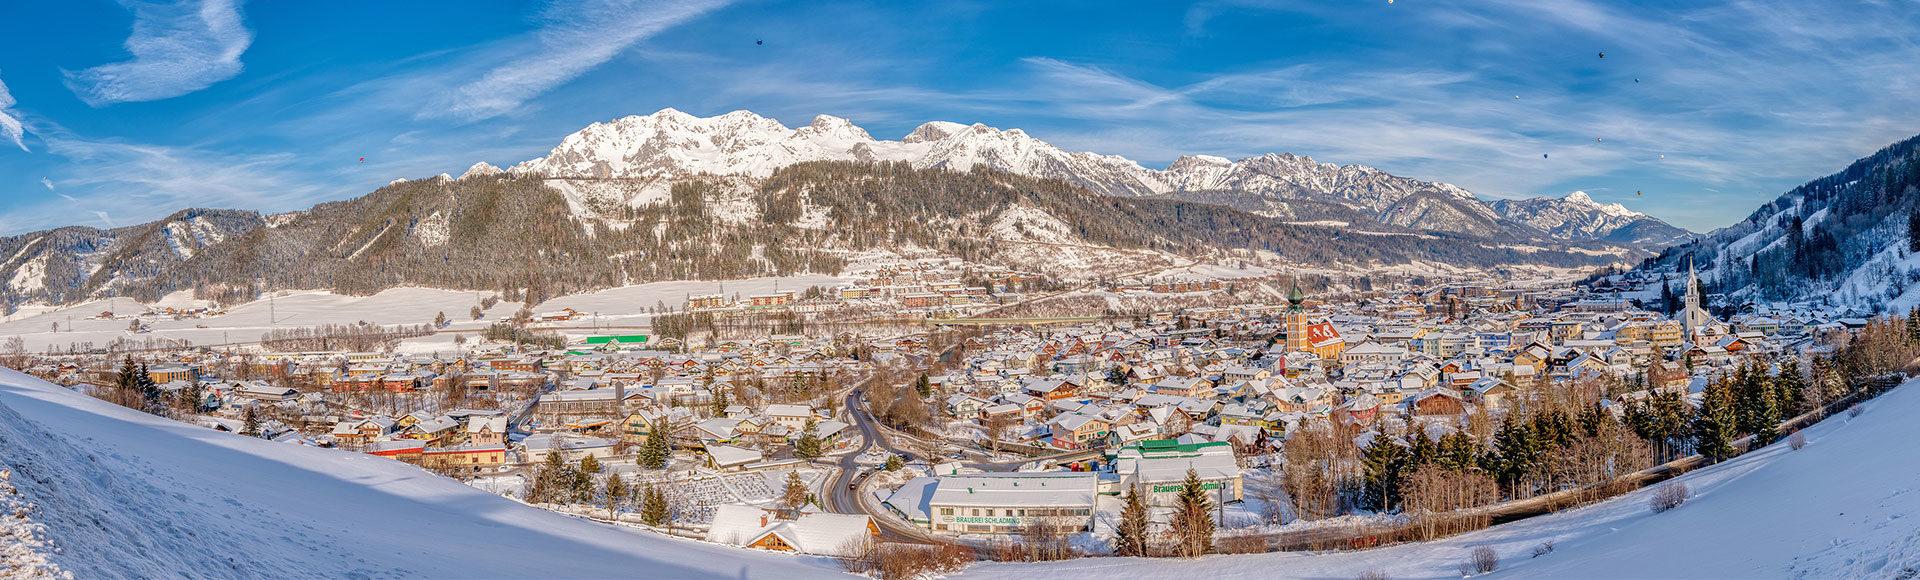 Winterurlaub in Schladming, Region Schladming-Dachstein